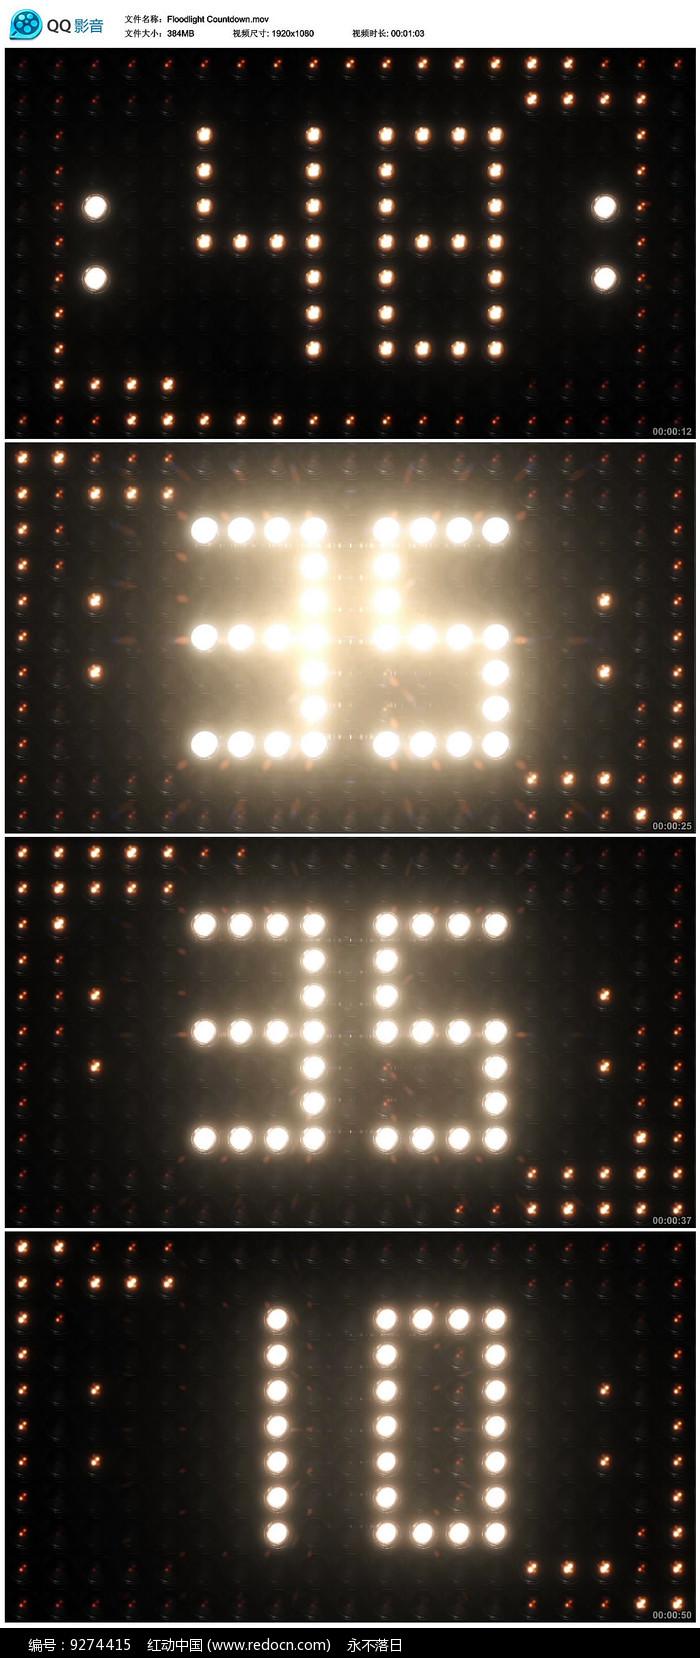 素材描述:红动网提供动态|特效|背景视频精品原创素材下载,您当前访问作品主题是闪烁灯光60秒倒计时视频,编号是9274415,文件格式是mov,您下载的是一个压缩包文件,请解压后再使用设计软件打开,色彩模式是RGB,,成品尺寸是1920x1080像素超级高清,素材大小 是376.41 MB。